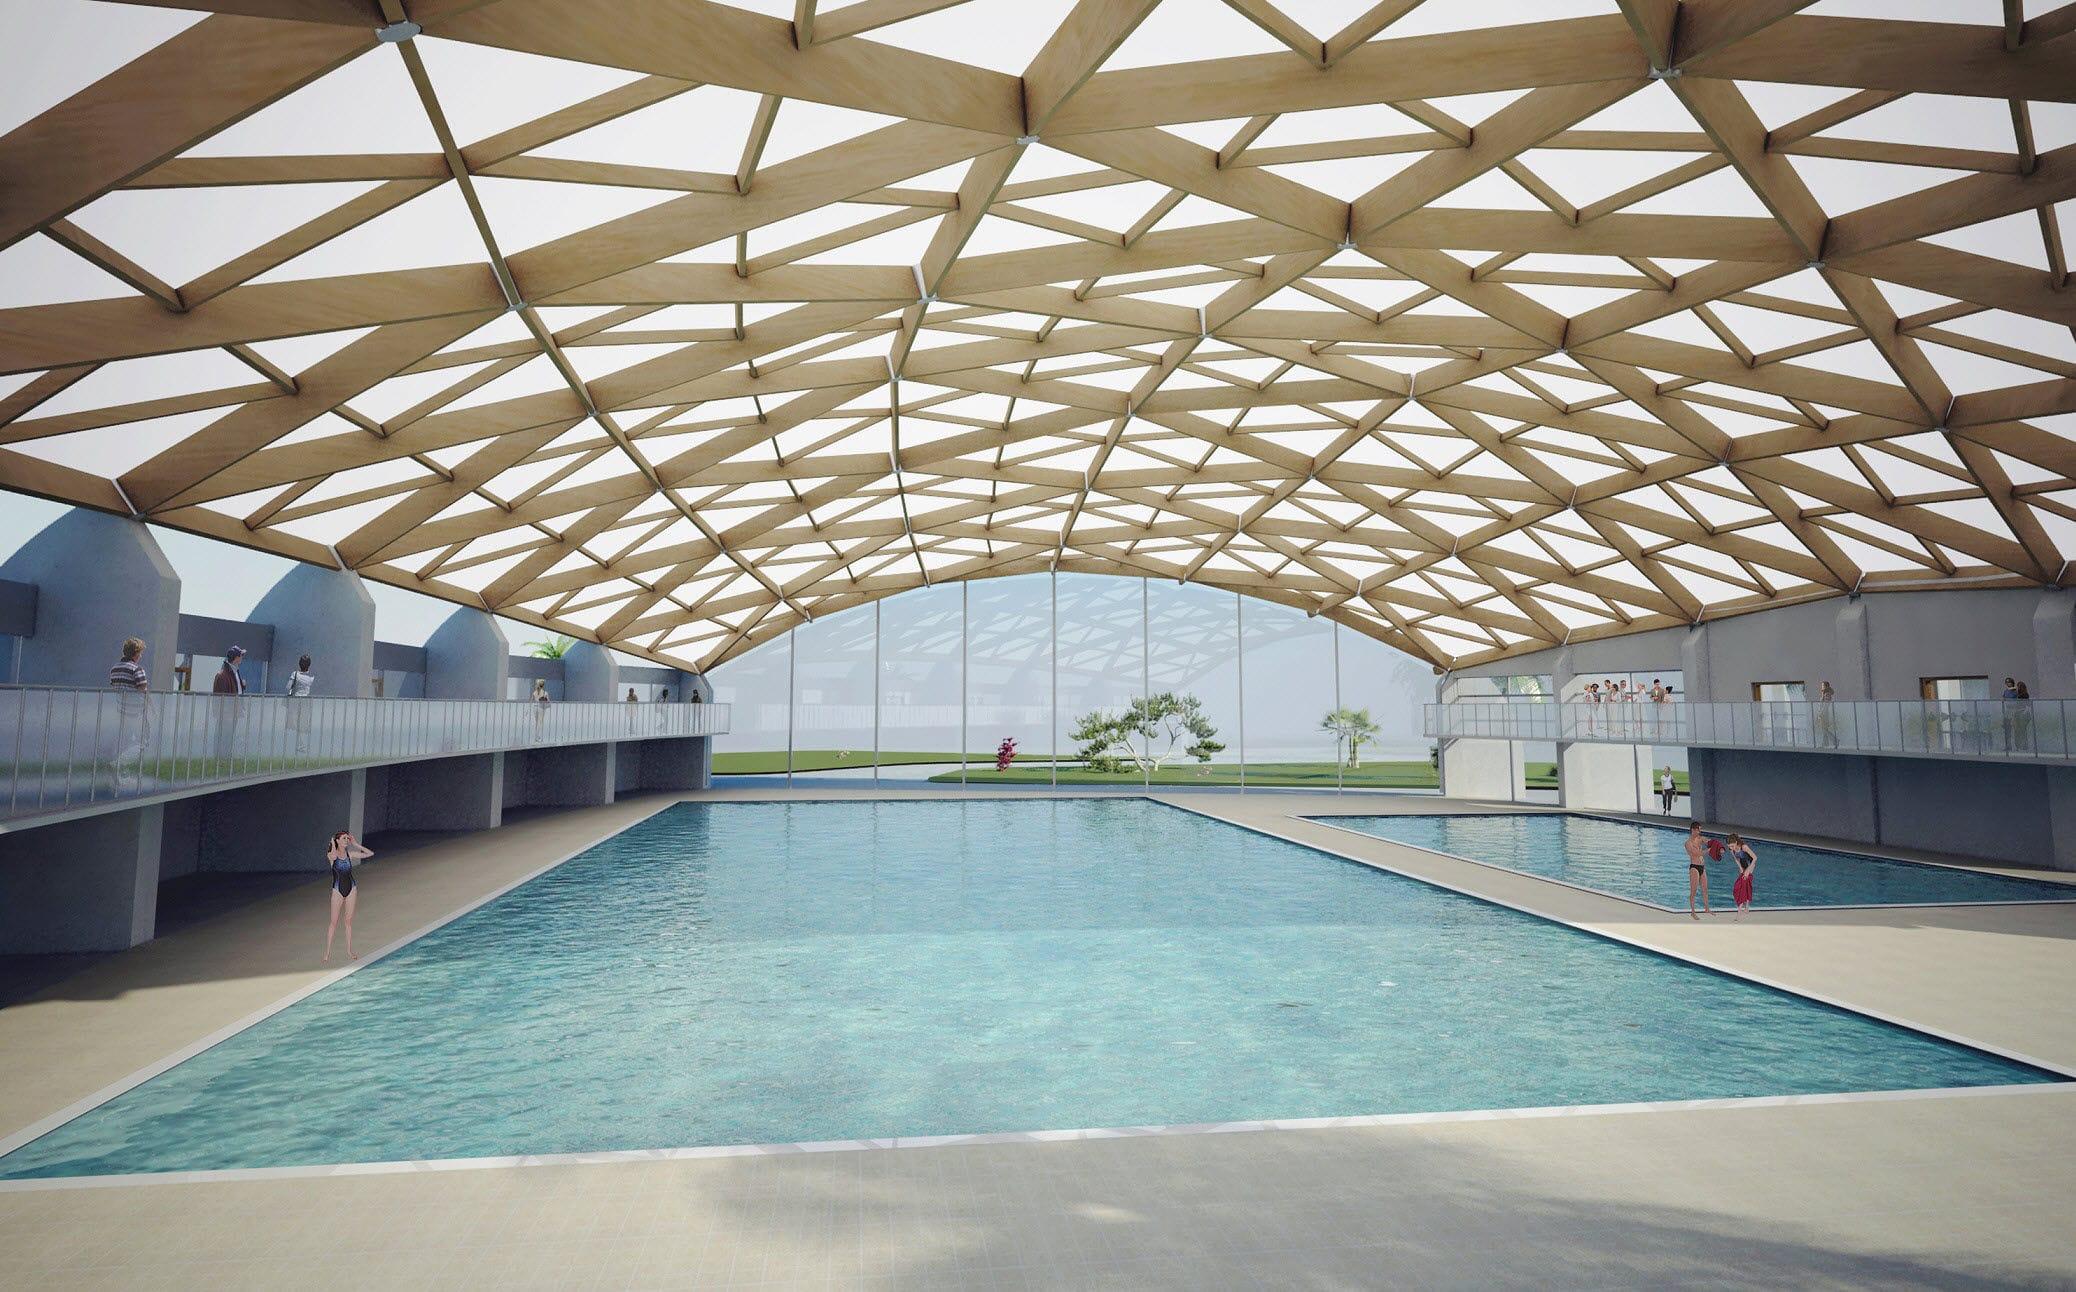 charpente en bois lamell coll pour piscine publique wood system international srl - Abri Piscine Bois Lamelle Colle